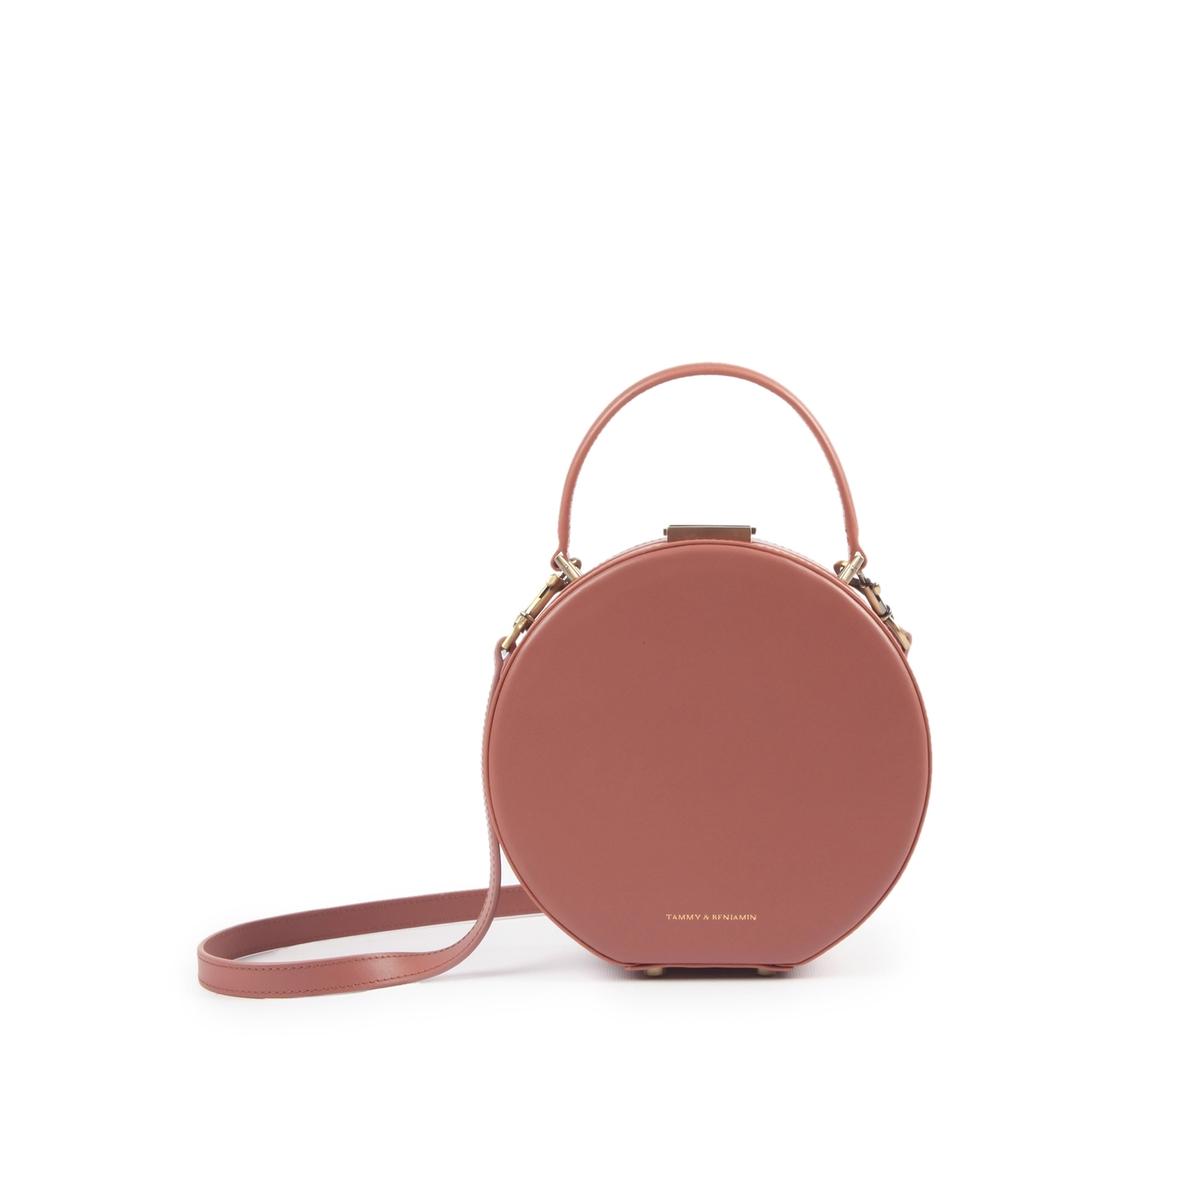 Сумка La Redoute Круглая на молнии HATBOX MINI COWHIDE единый размер розовый